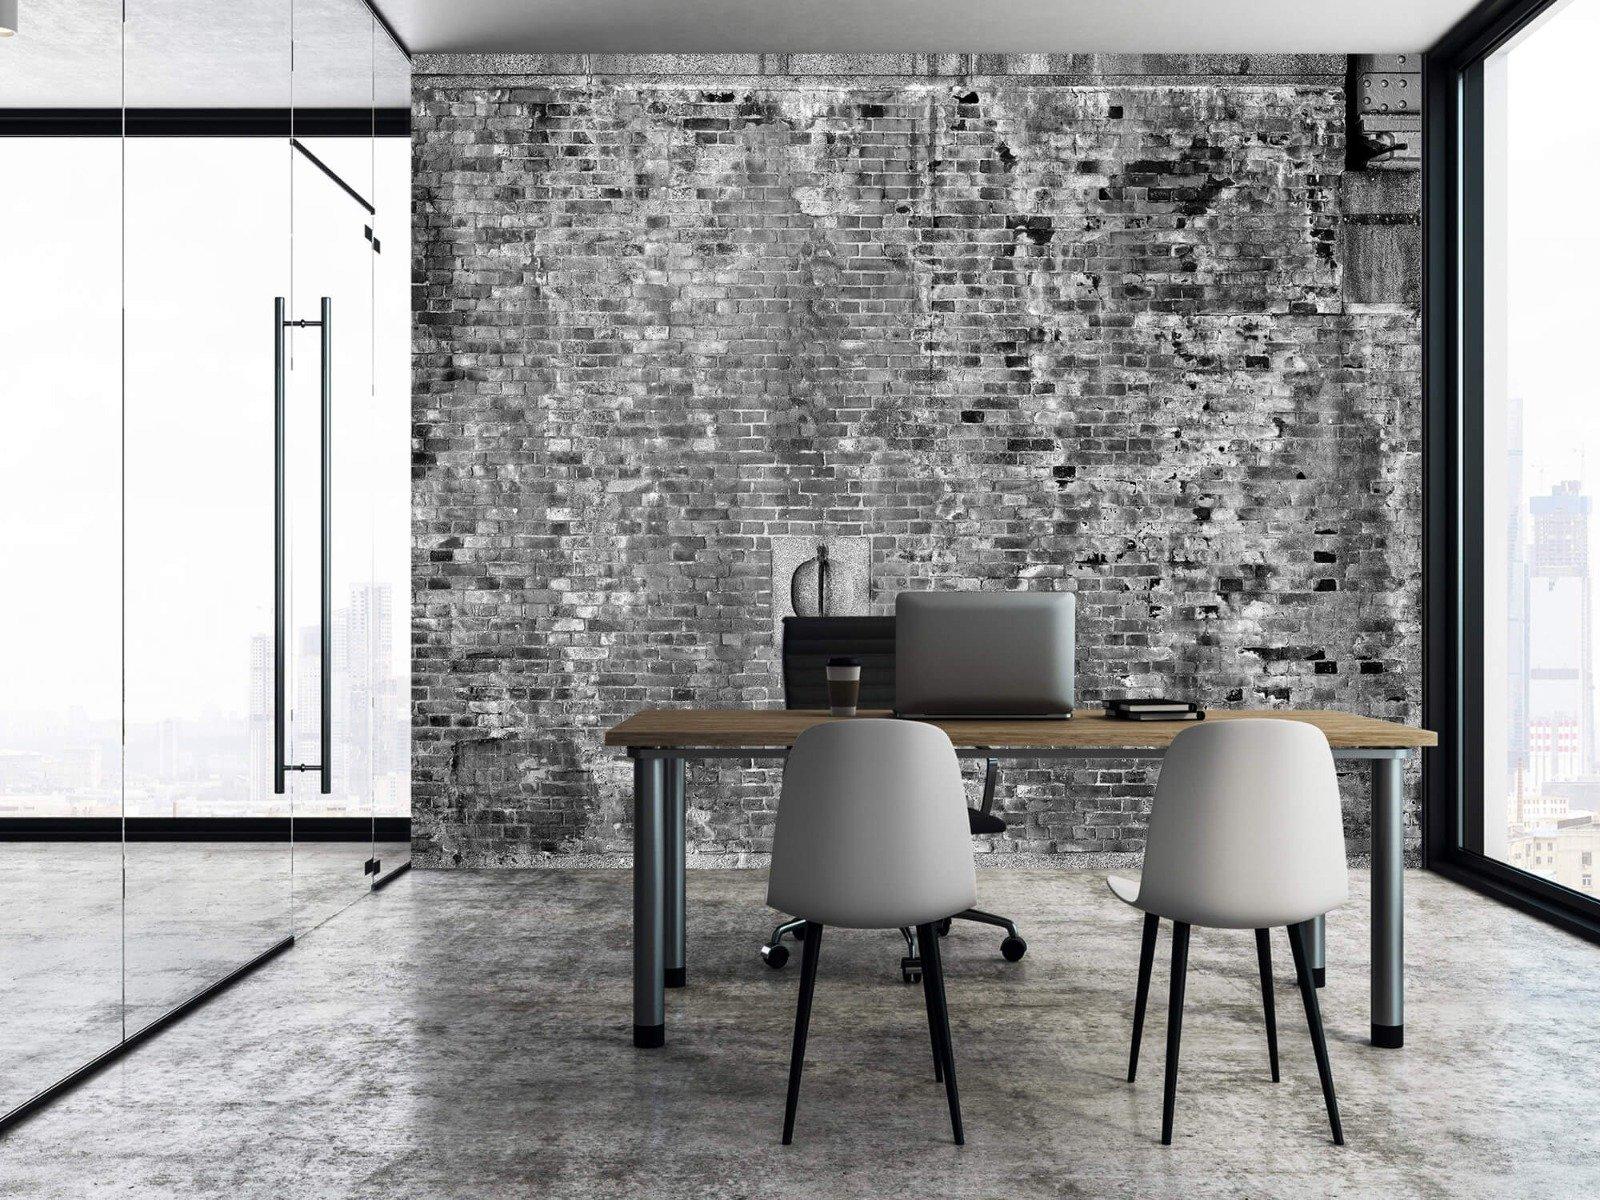 Steen behang - Verweerde muur - Tienerkamer 6